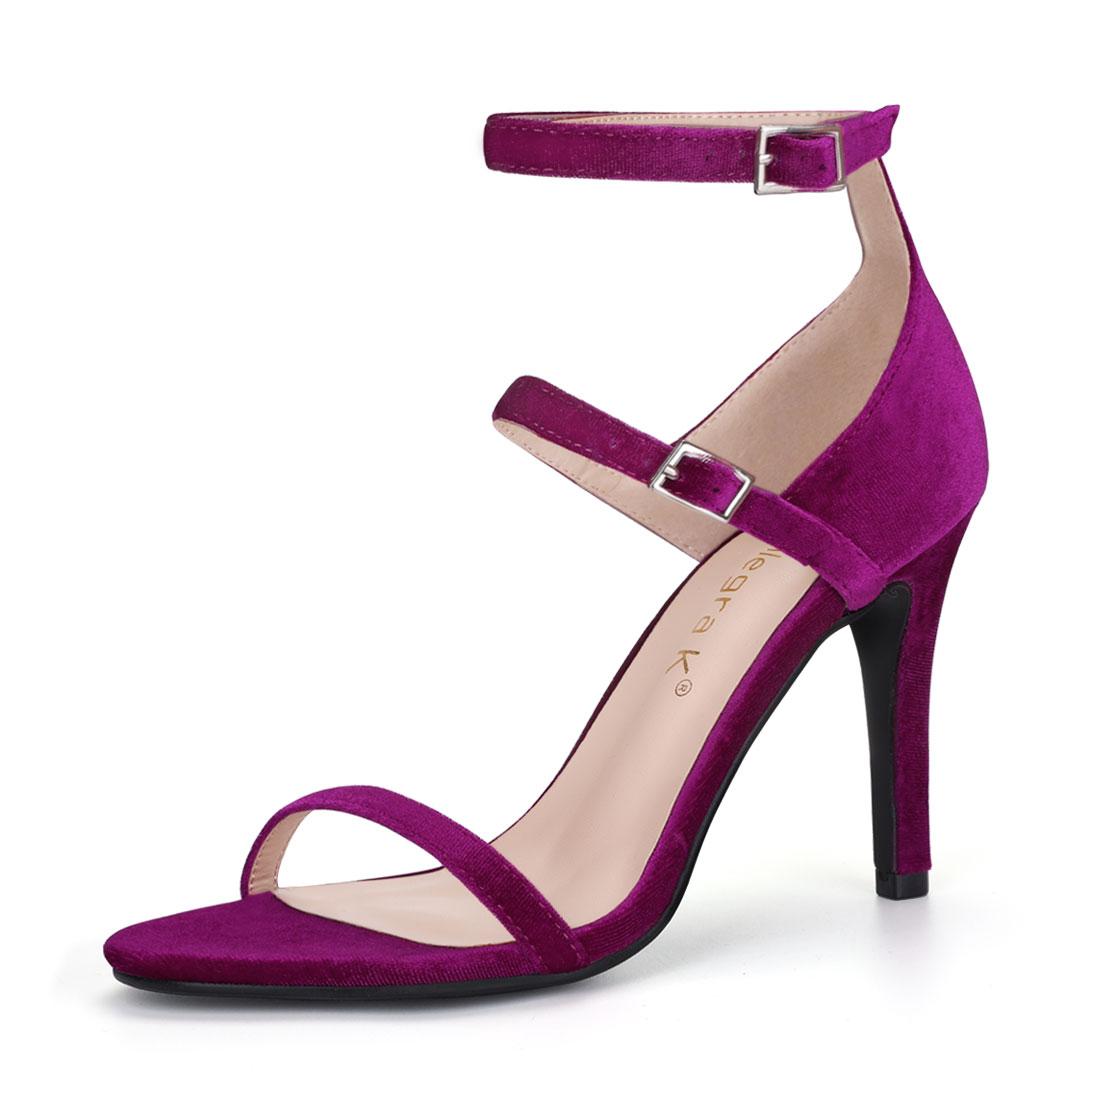 Women Open Toe Double Ankle Strap Stiletto Heel Sandals Purple US 6